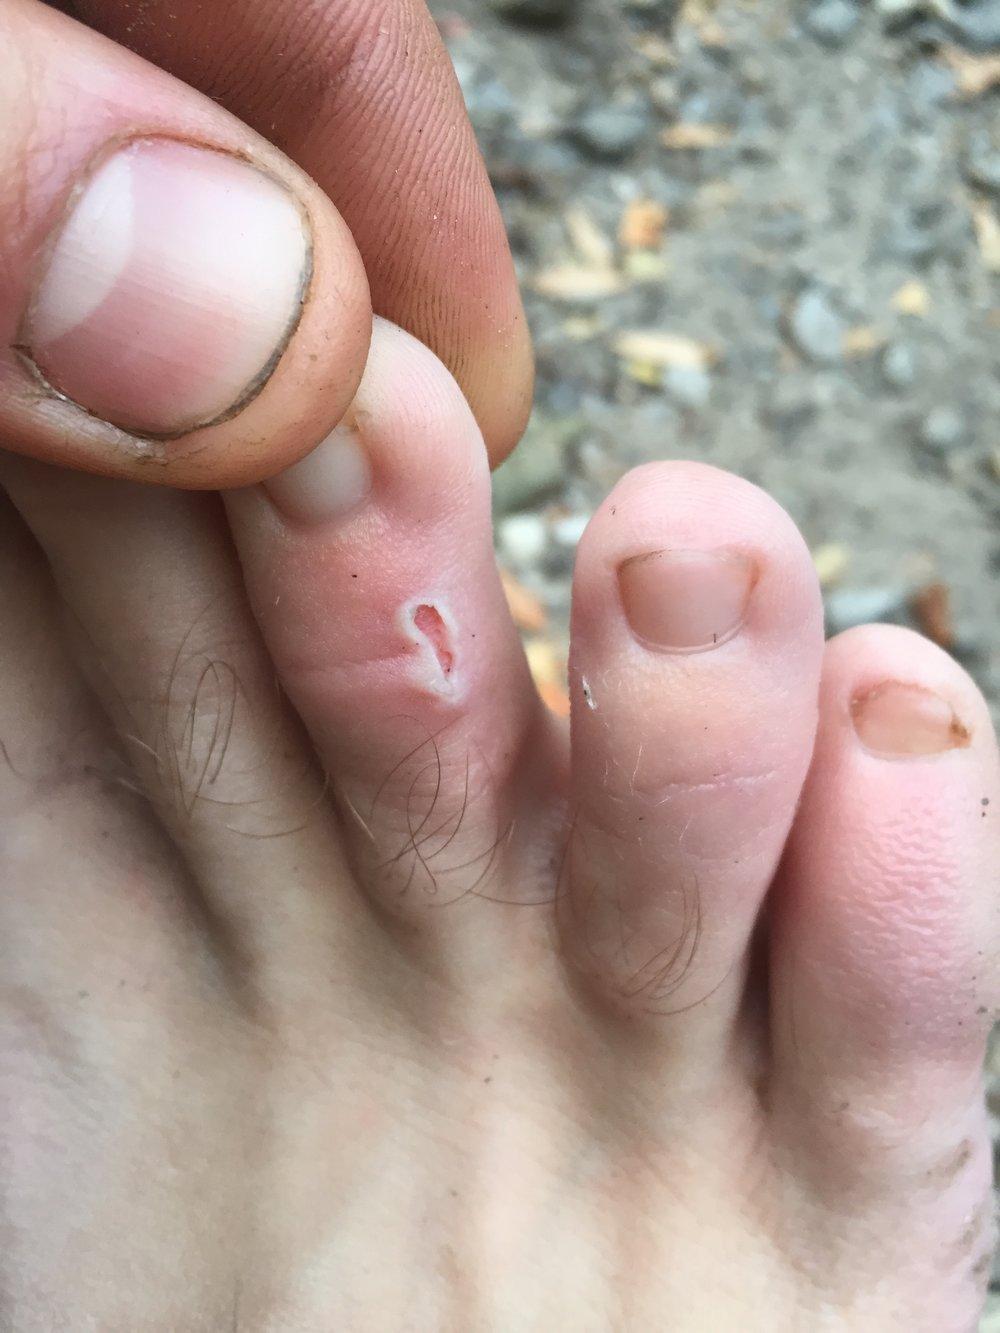 Spencer's smallest blister